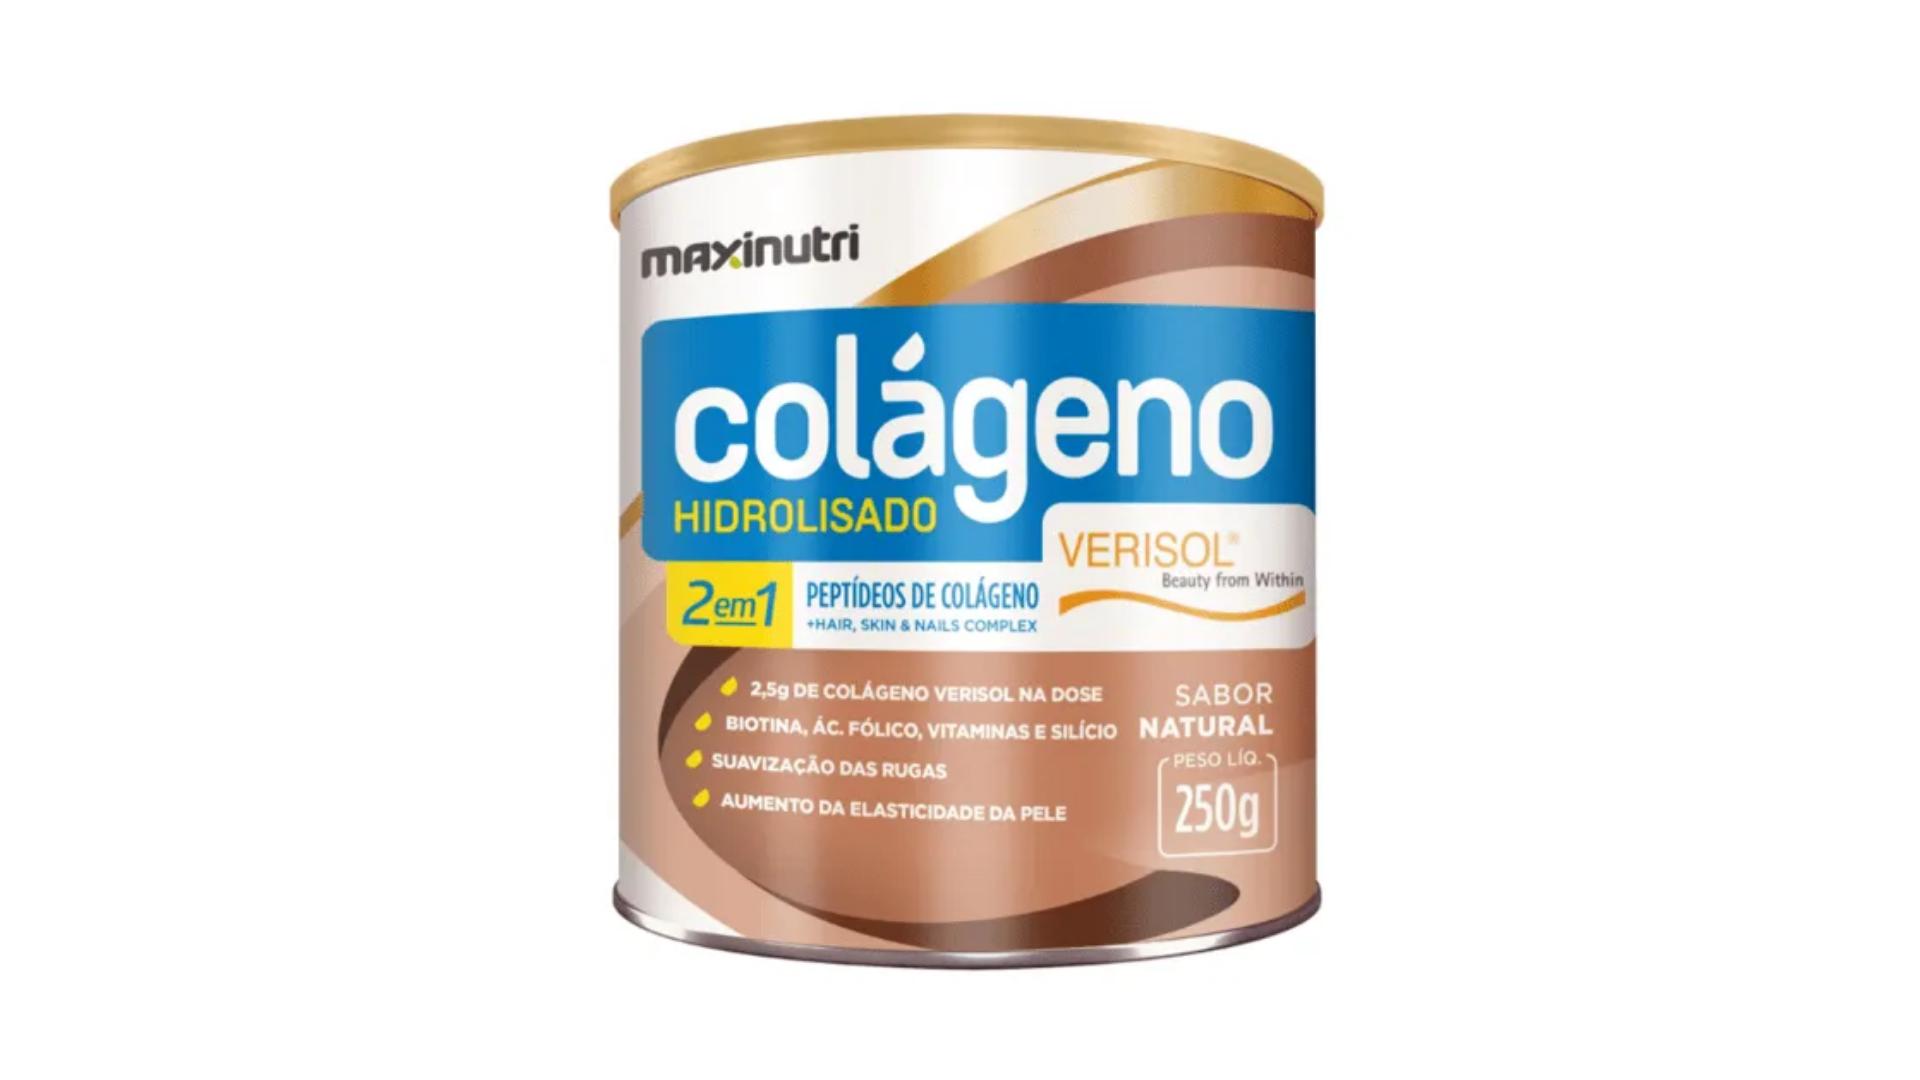 Colágeno hidrolisado Maxinutri (Imagem: Divulgação/Maxinutri)